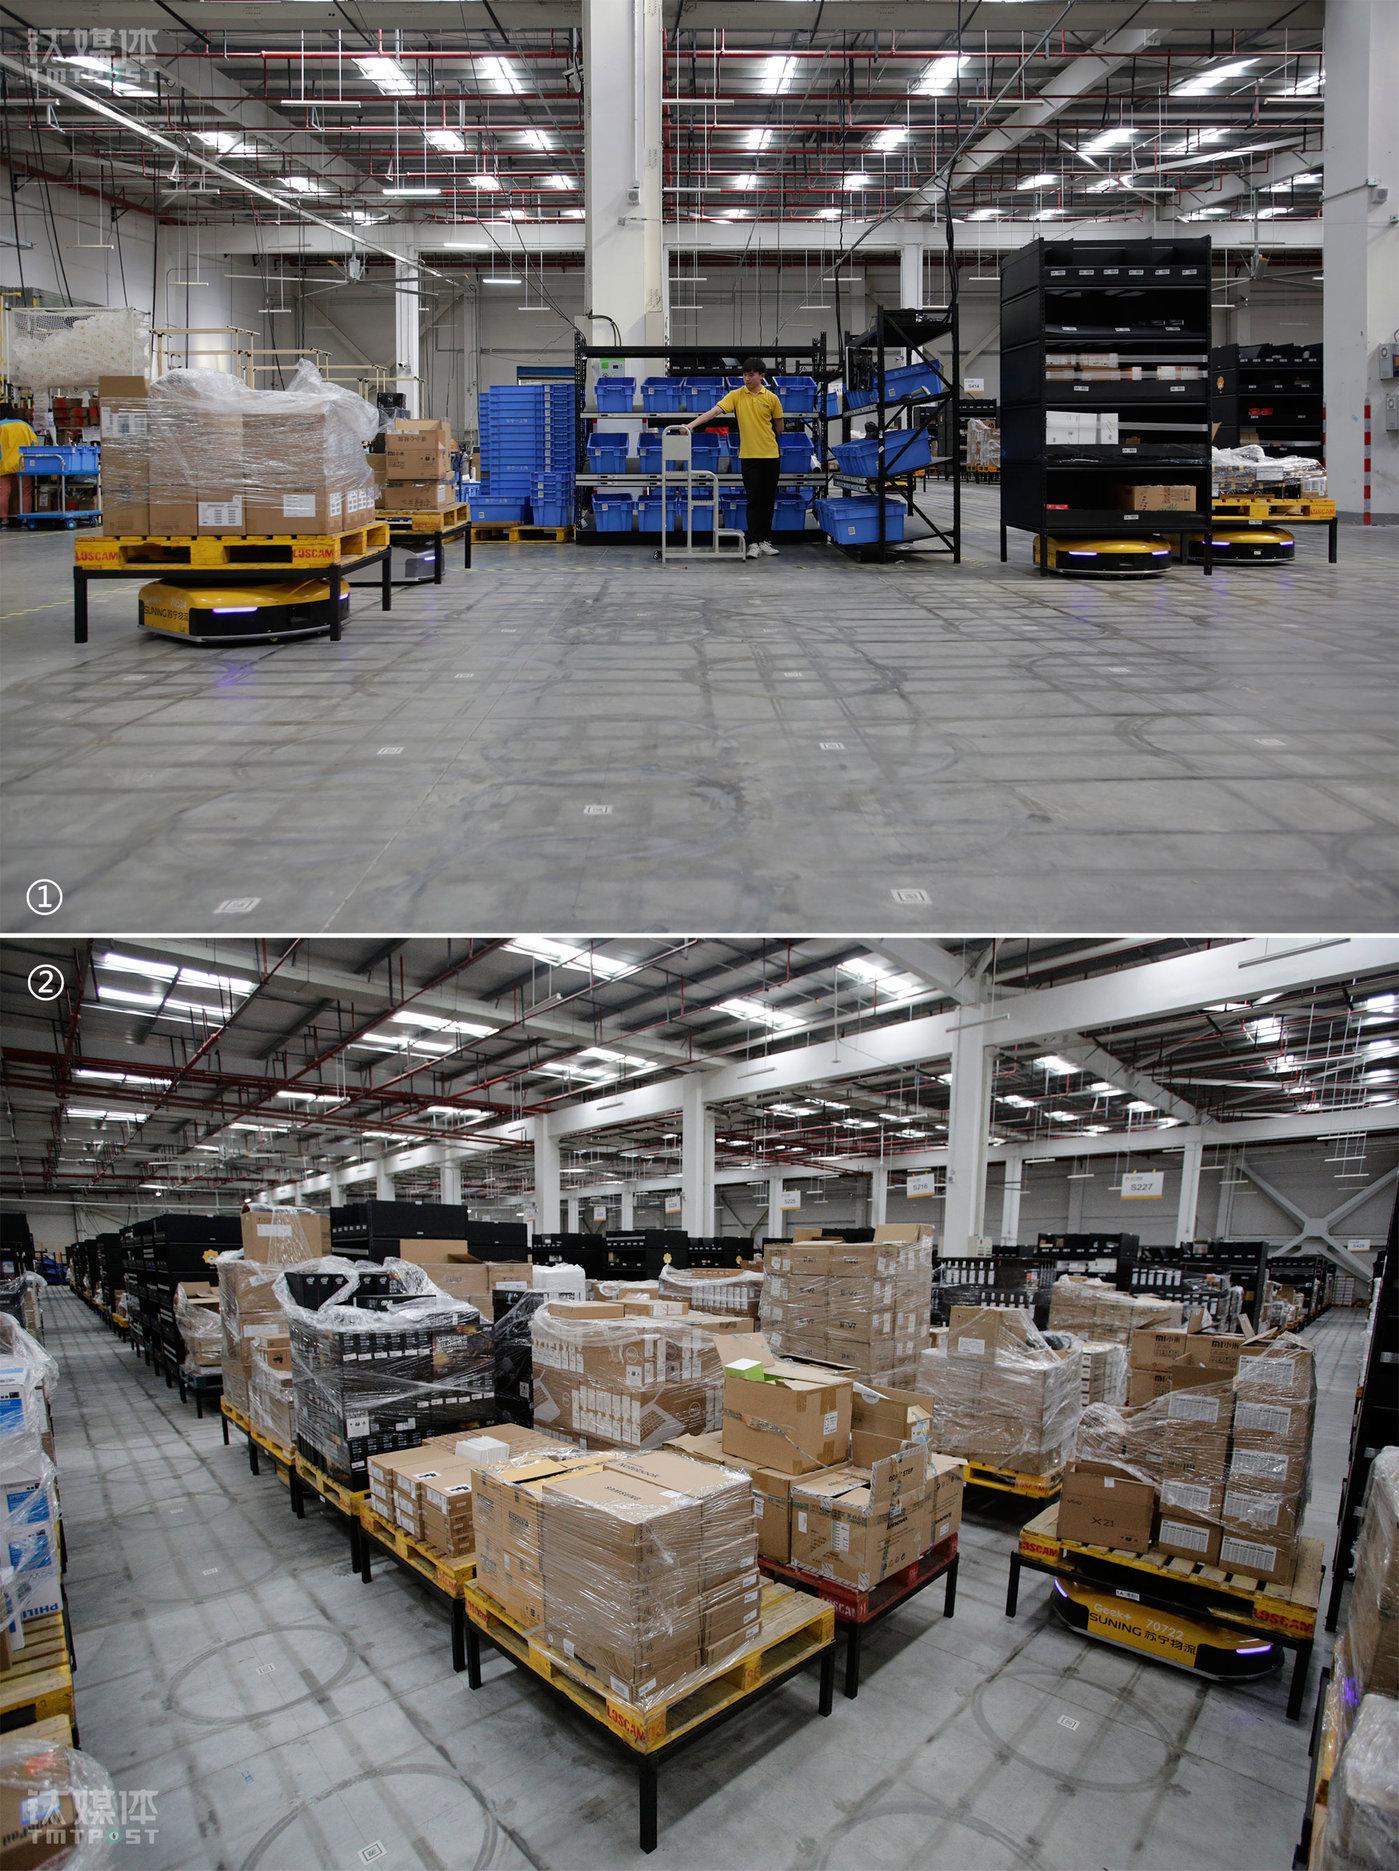 2018年5月11日,上海,苏宁奉贤物流中心3C仓库2号拣选工作站,操作员胡红杨在等待AGV物流机器人排队将货物运送到拣货区域。这个仓库有7个专门针对物流机器人的拣选工作站,每个工作站的拣货区可容纳10个机器人同时排队。  一台机器人完成一次拣选后将托盘送回仓储区。仓储区域有1058个货架(含托盘、格子货架),地面的线条和圆是机器人移动摩擦留下的轨迹,圆圈中间人工部署的二维码是机器人的导航工具。